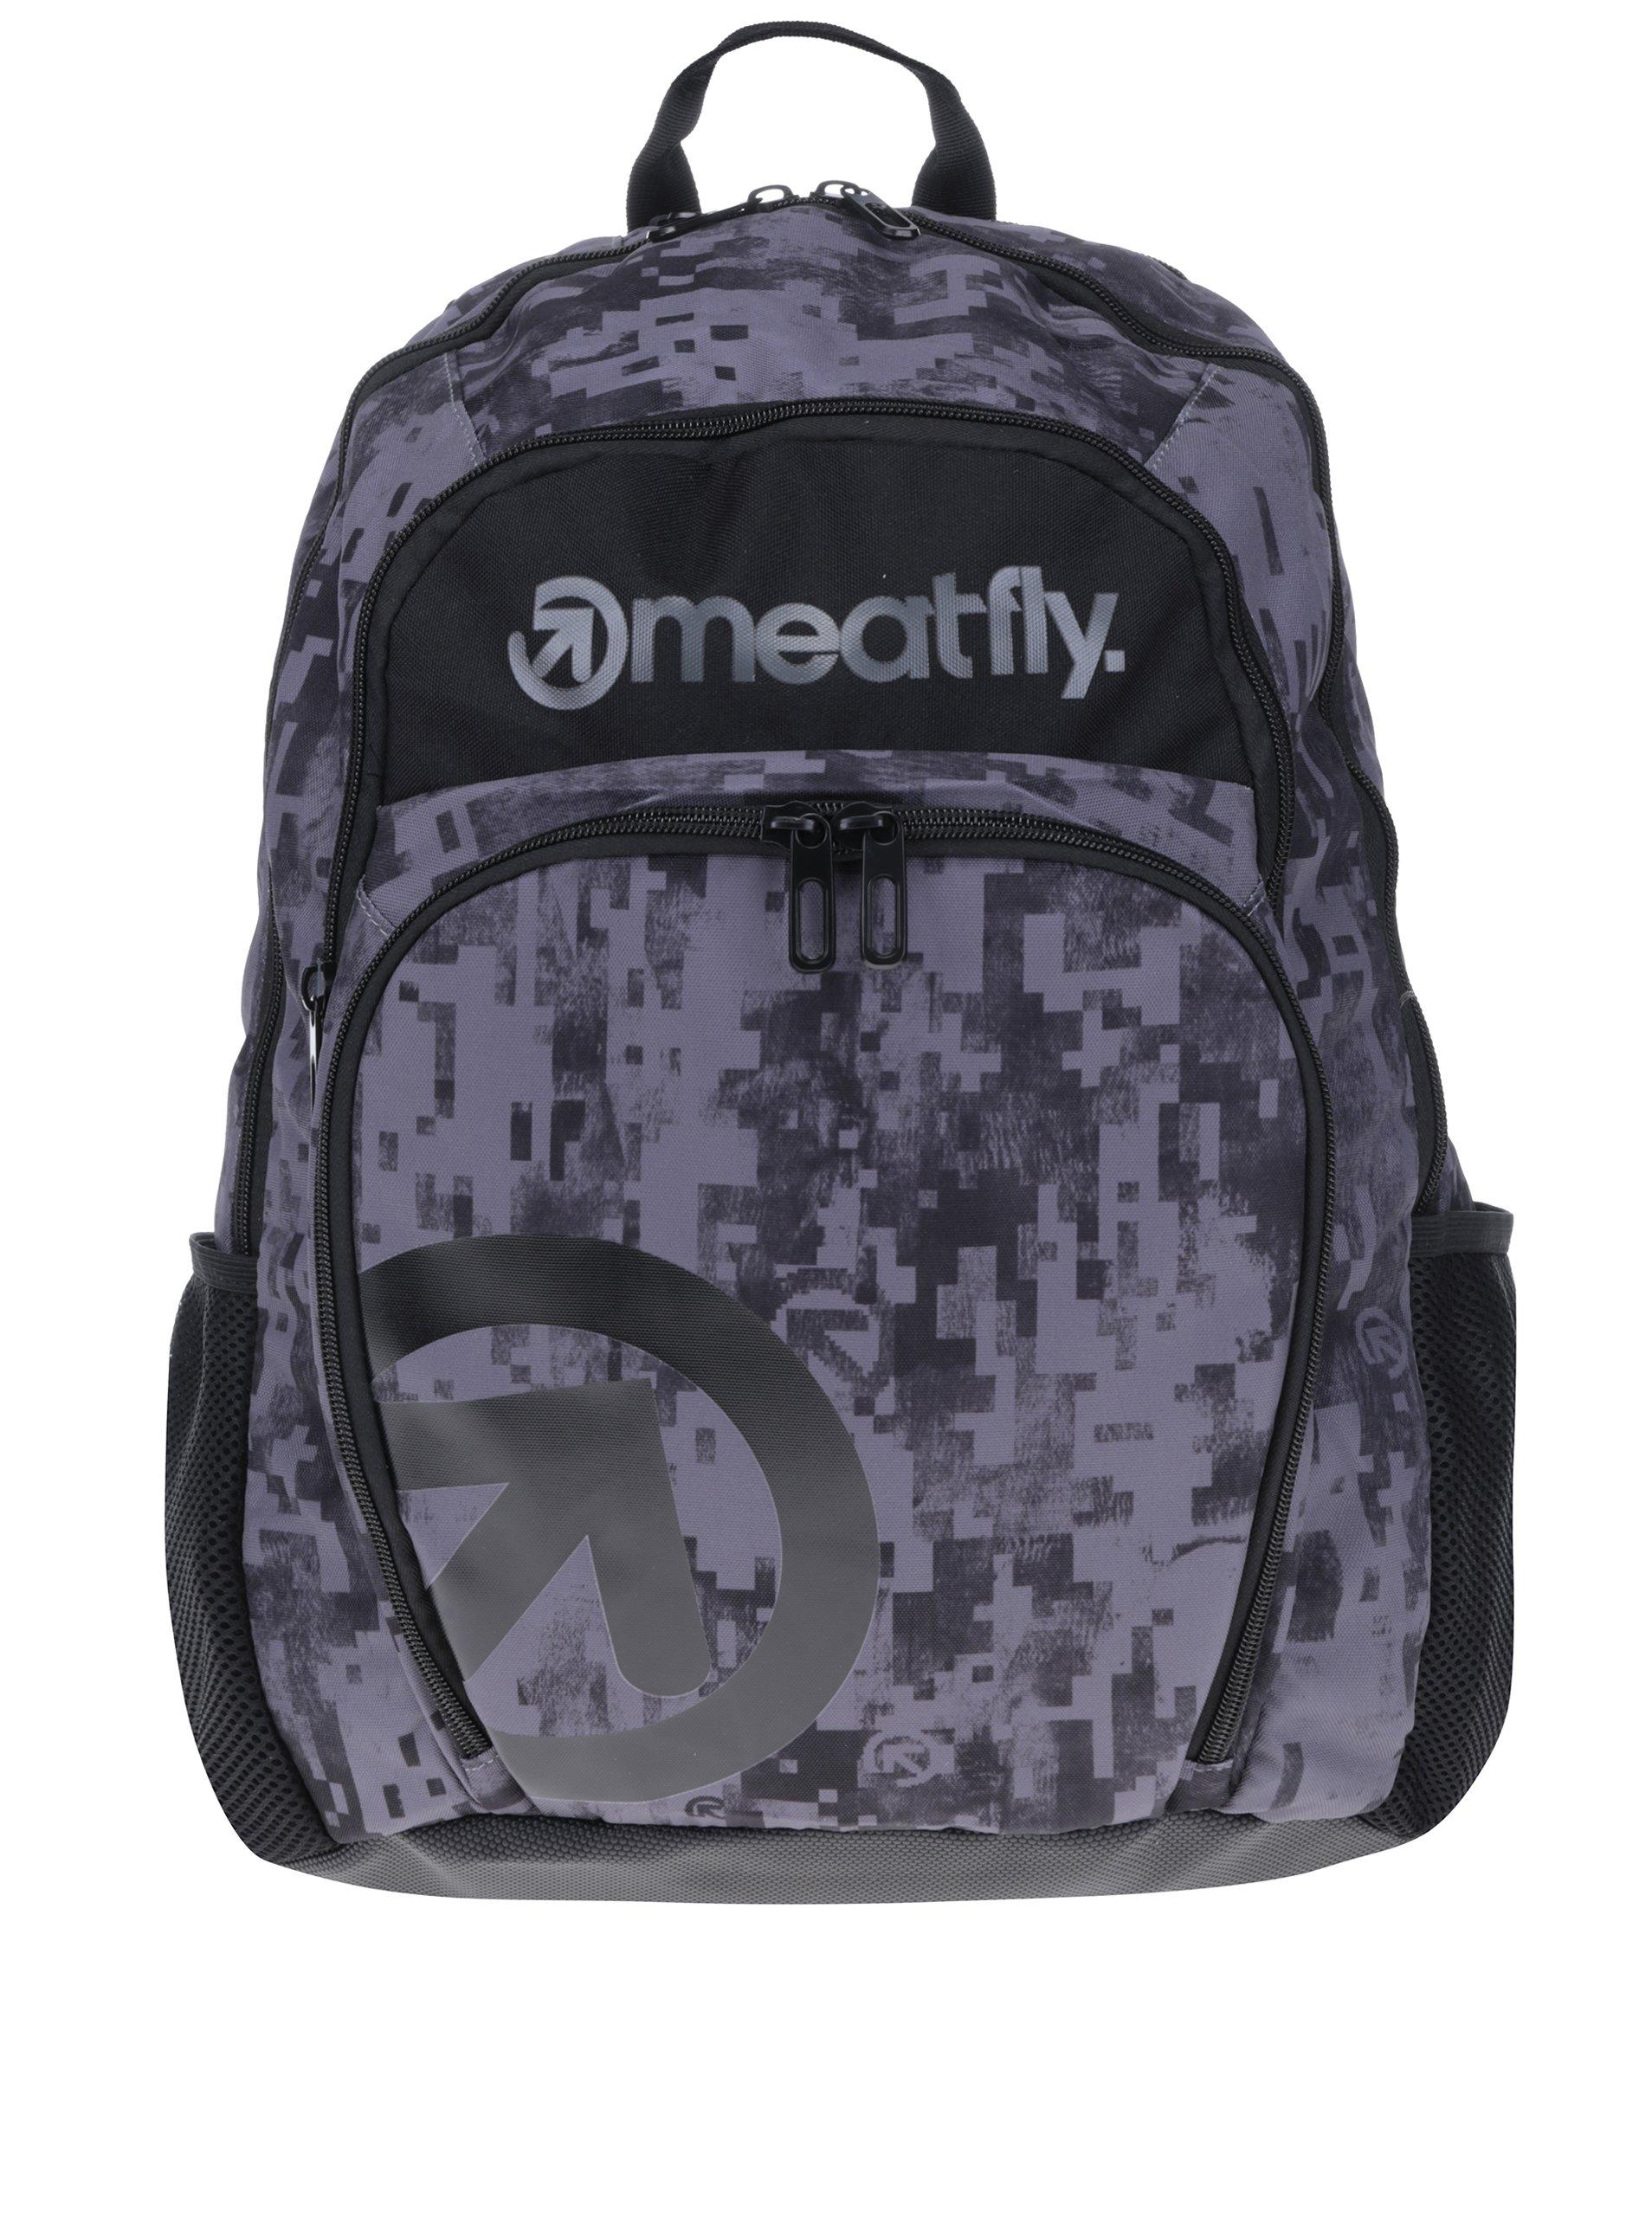 8cbcc45118 Sivý vzorovaný batoh Meatfly Vault 26 l